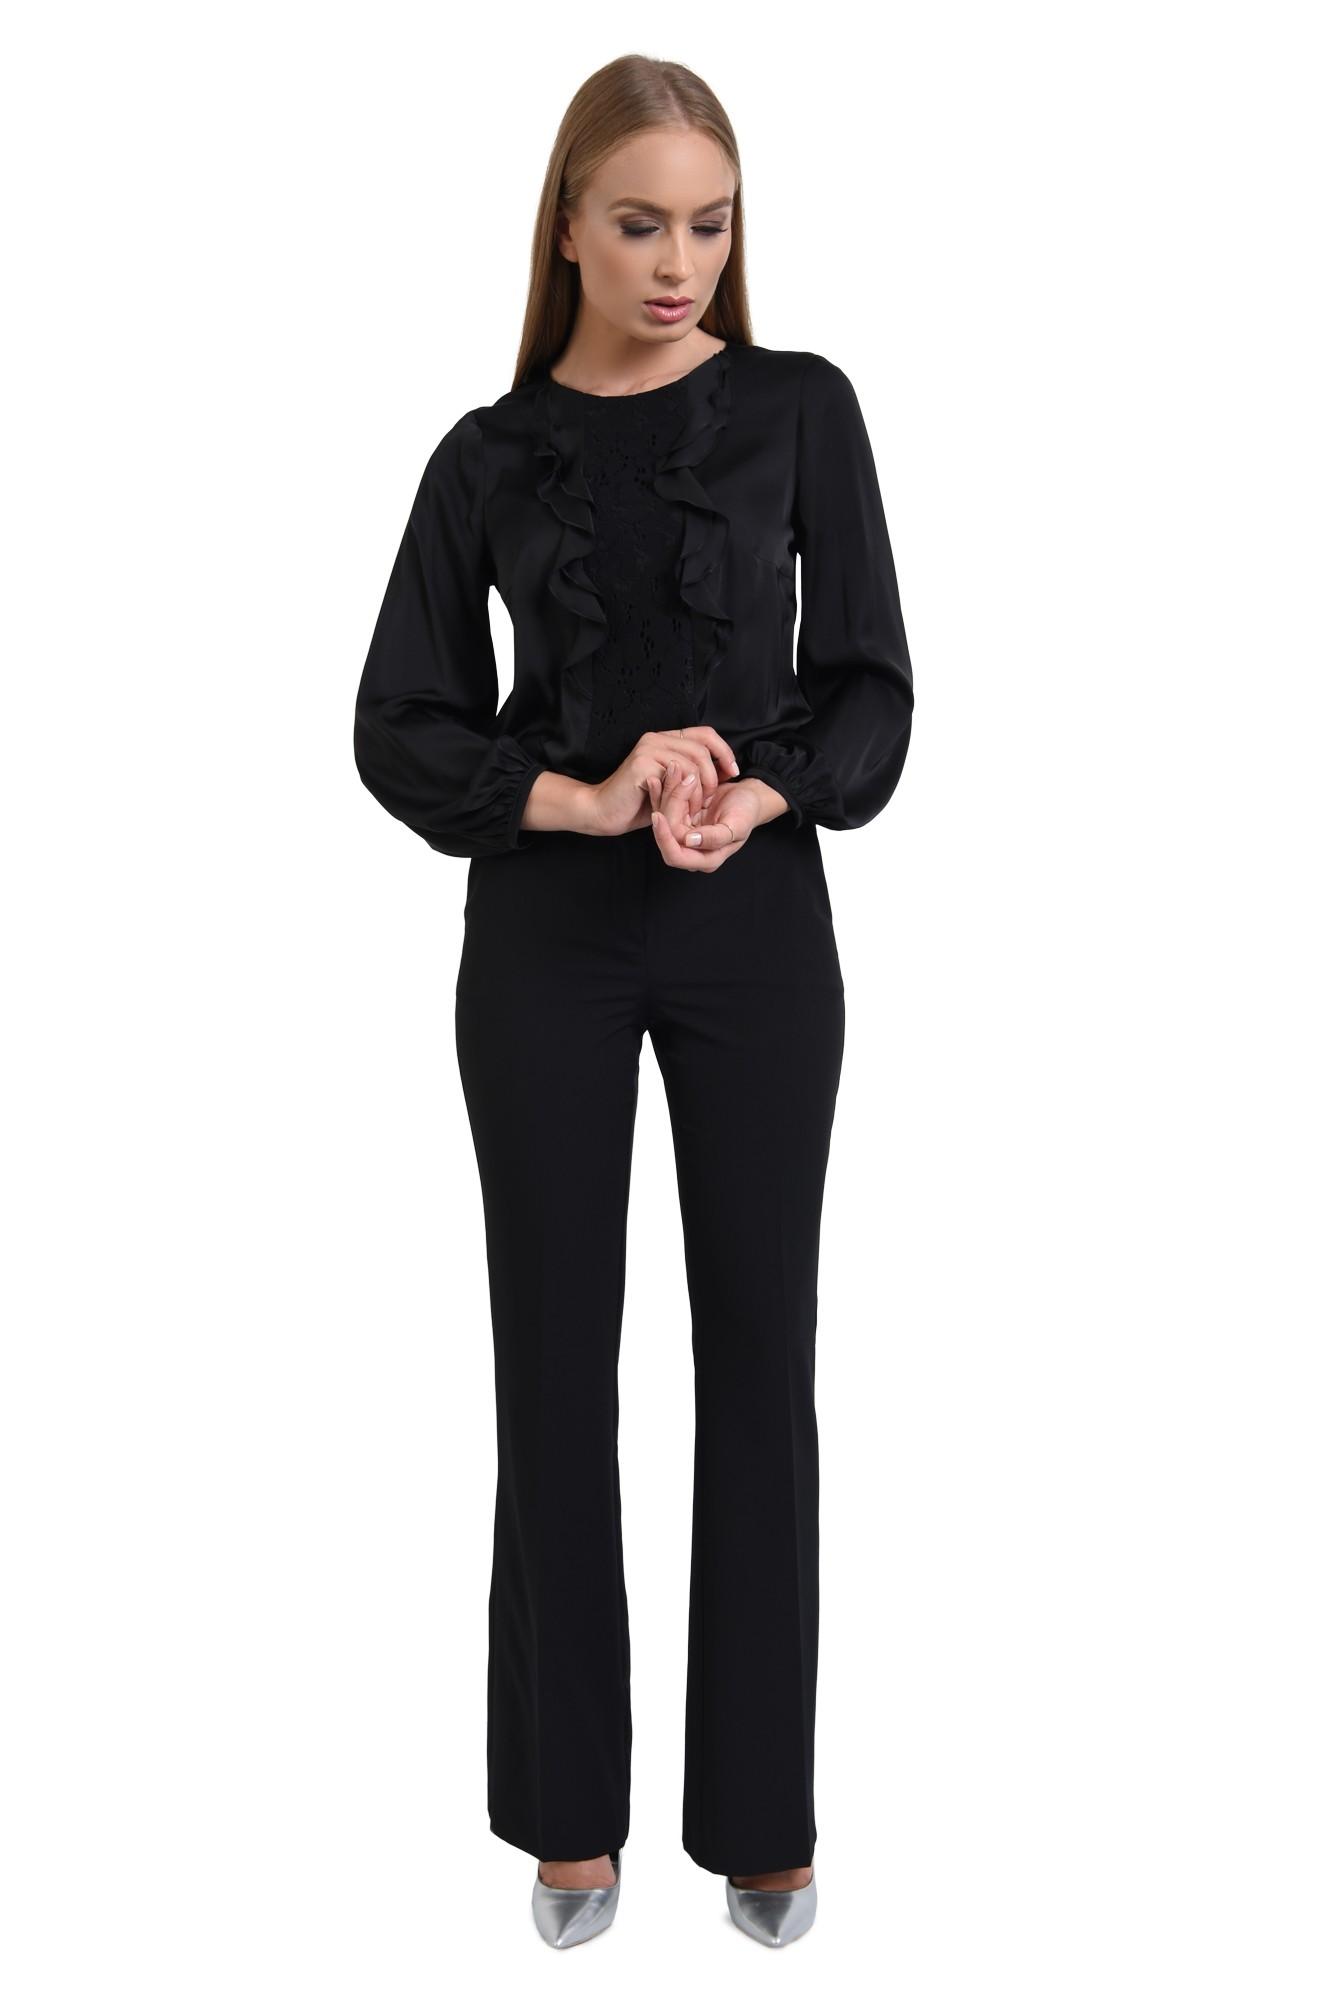 3 - 360 - bluza eleganta, cu volane, dantela aplicata, maneci lungi, mansete elastice